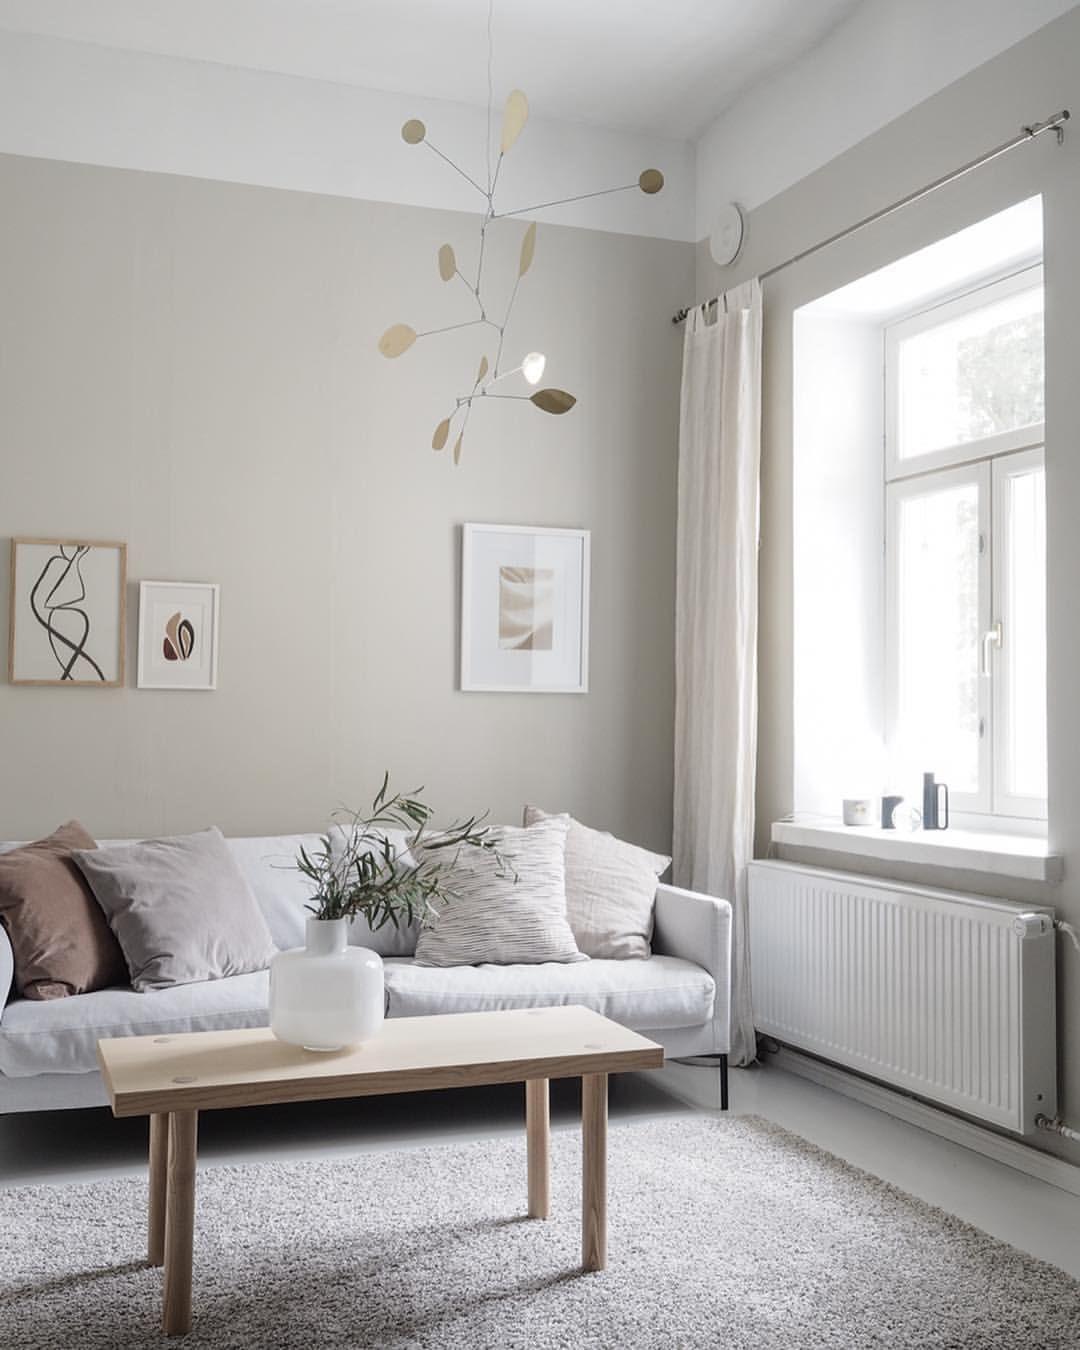 Ikea Stockholm 2017 Coffee Table Sinisliik Apartment Living Room Ikea Stockholm Interior [ 1350 x 1080 Pixel ]